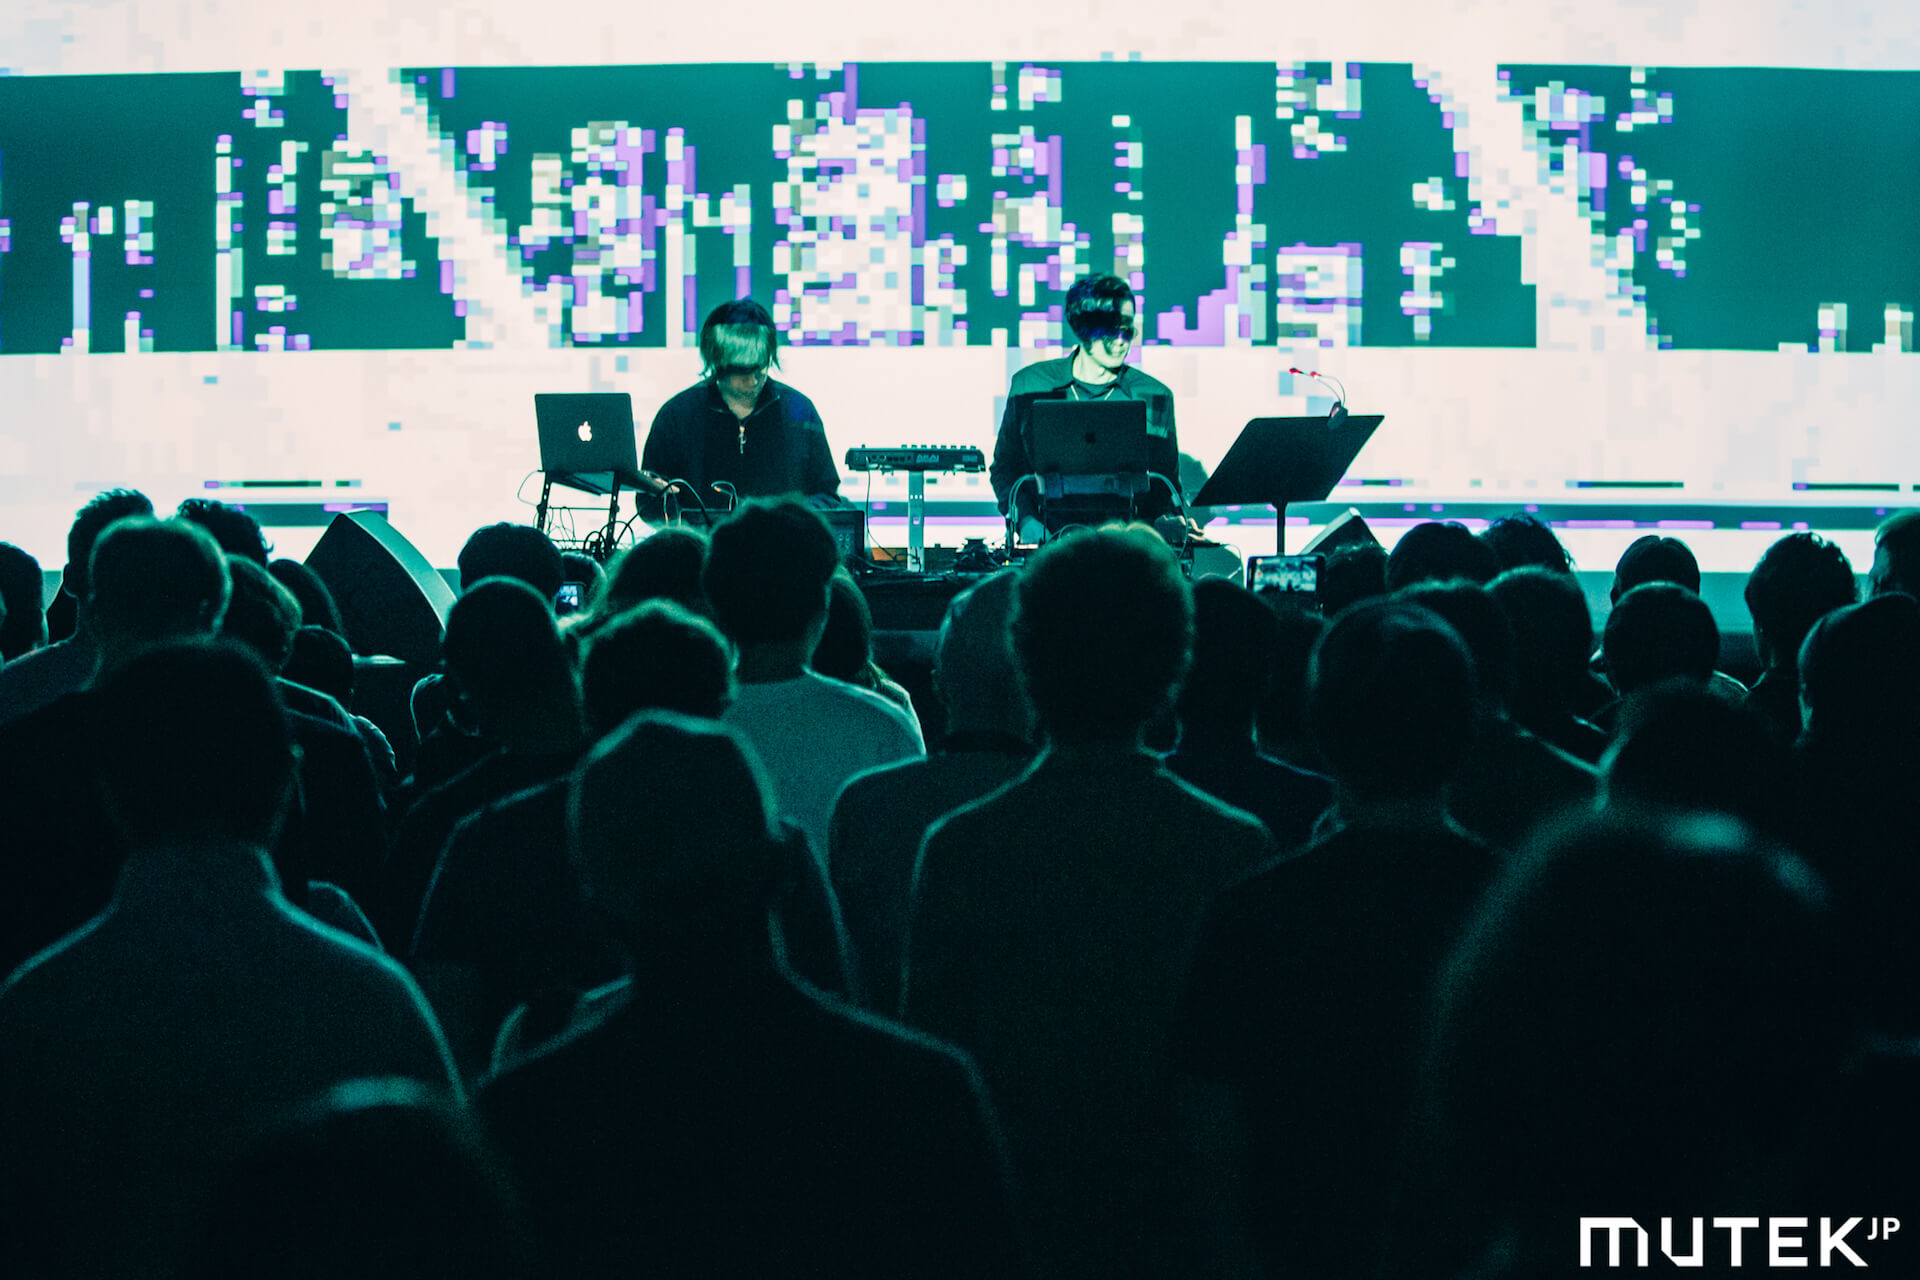 フォトレポート|Kode 9 & Koji Morimotoらが登場した電子音楽&デジタルアートの祭典「MUTEK.JP 2019」 music191219-mutek2019-4